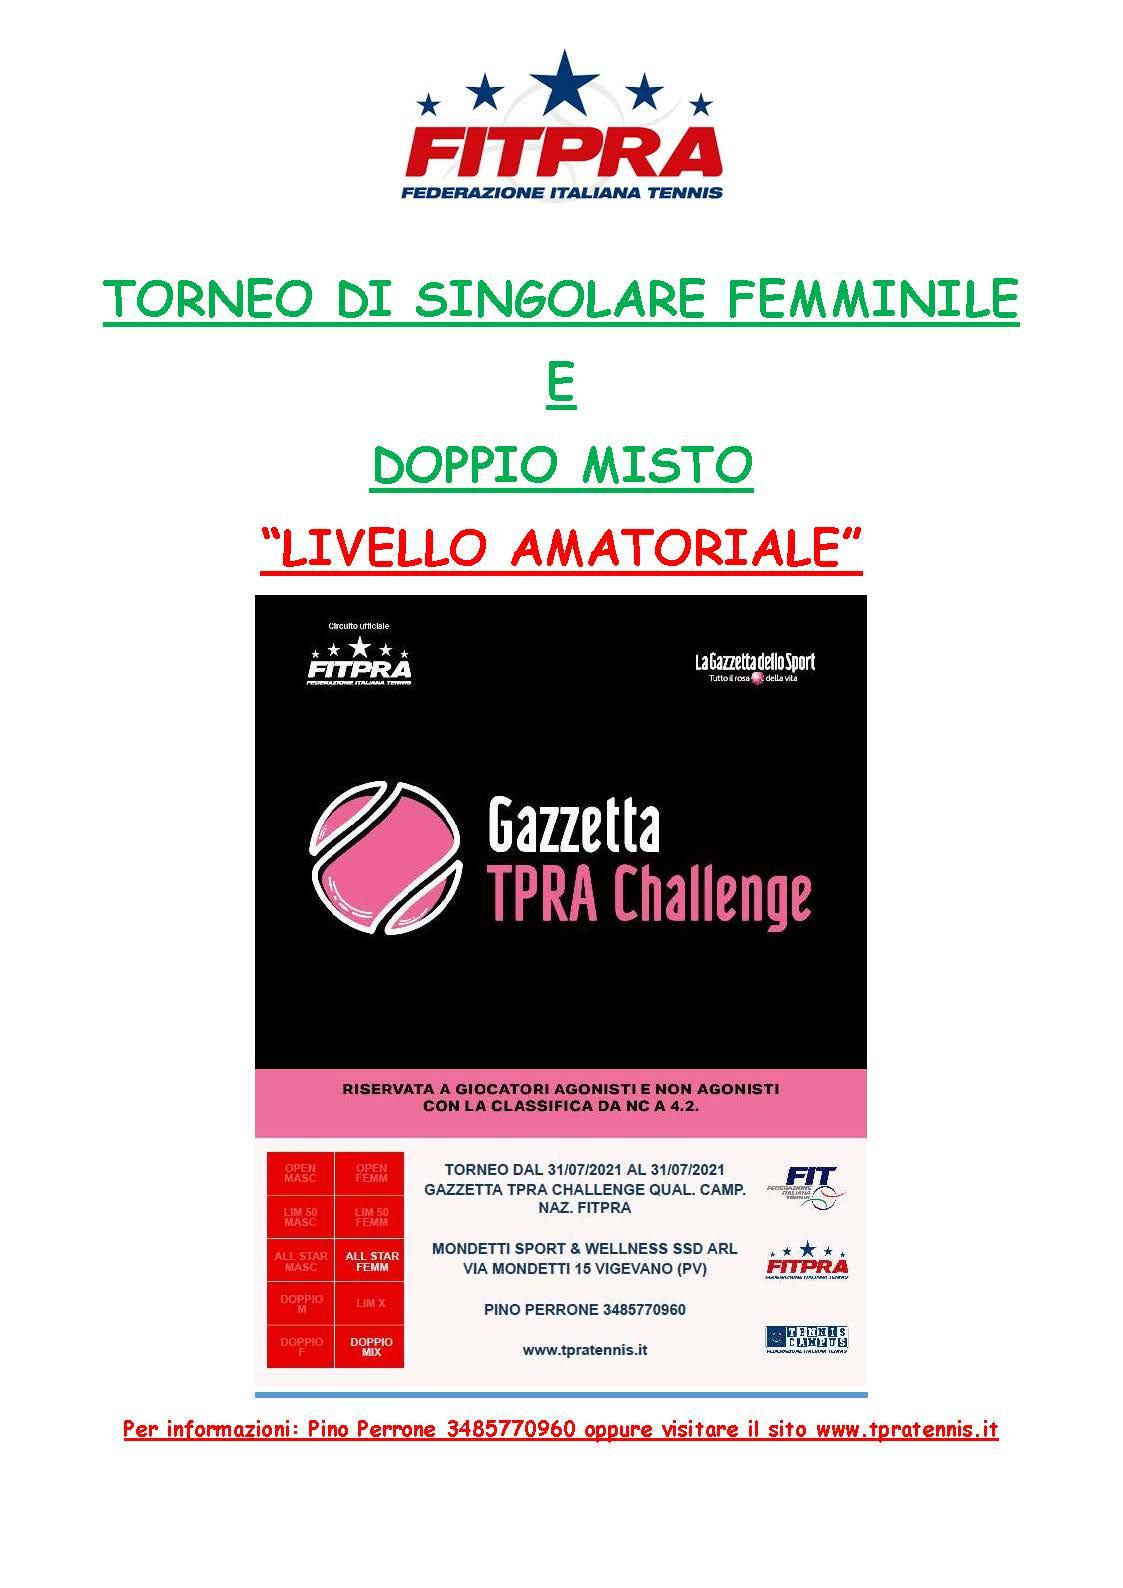 1625481725646_Poster Tornei Femminili